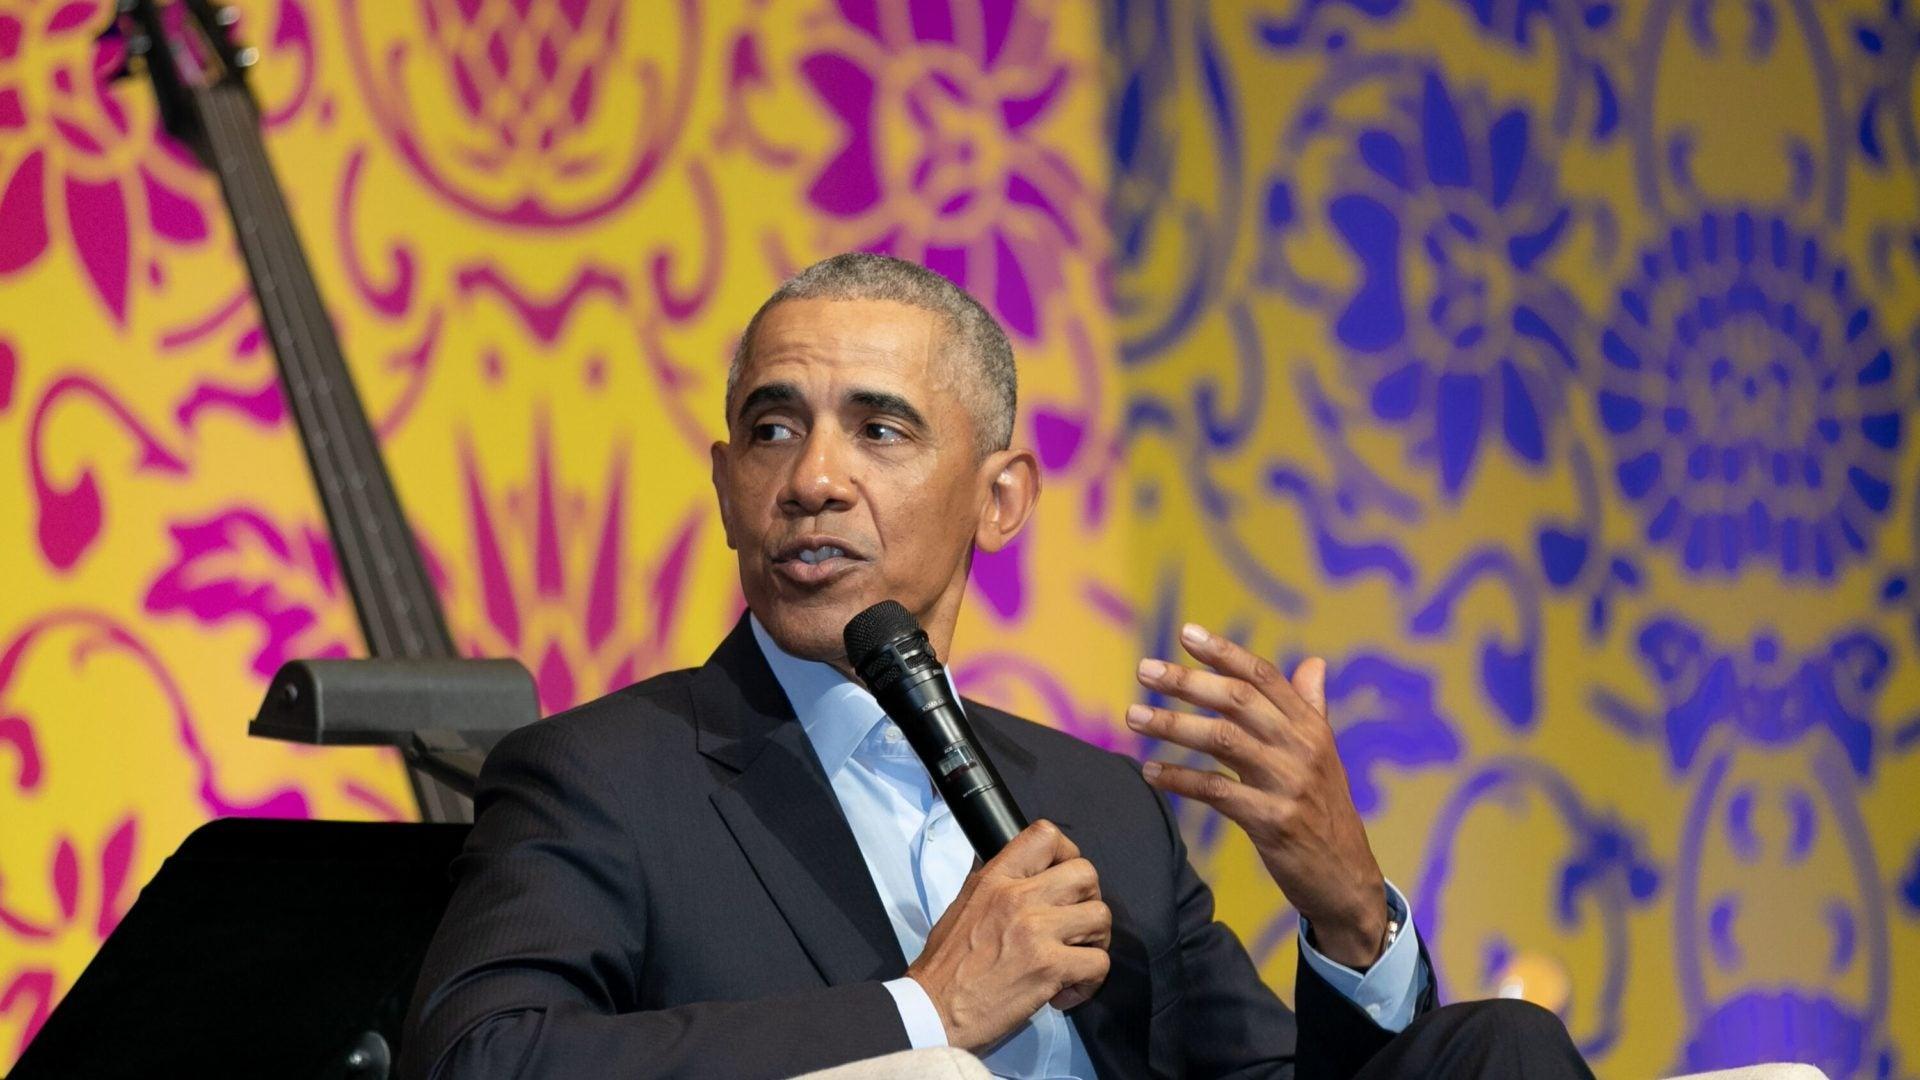 Barack Obama, Hollywood Celebs And Youth Celebrate Nelson Mandela's Legacy